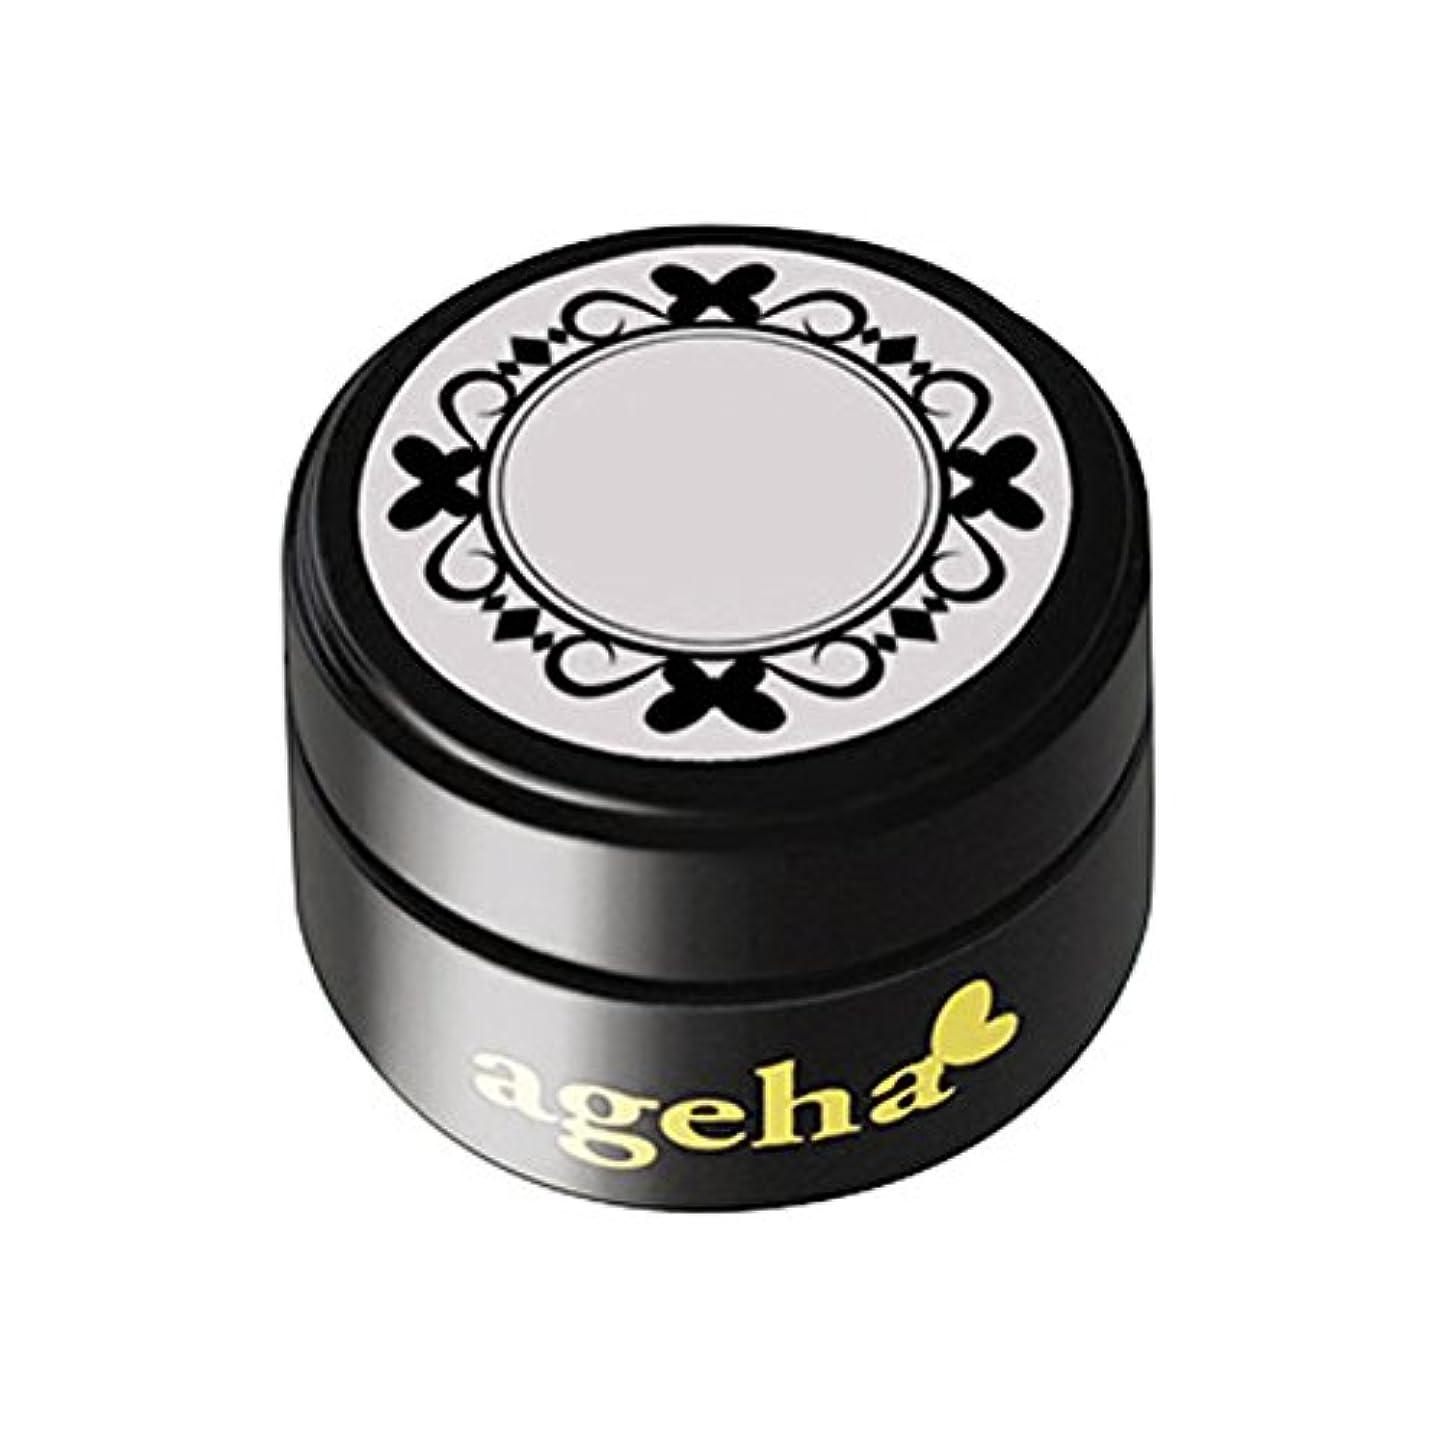 クルーまもなく提供されたageha gel カラージェル コスメカラー 400 ホワイトスノー 2.7g UV/LED対応